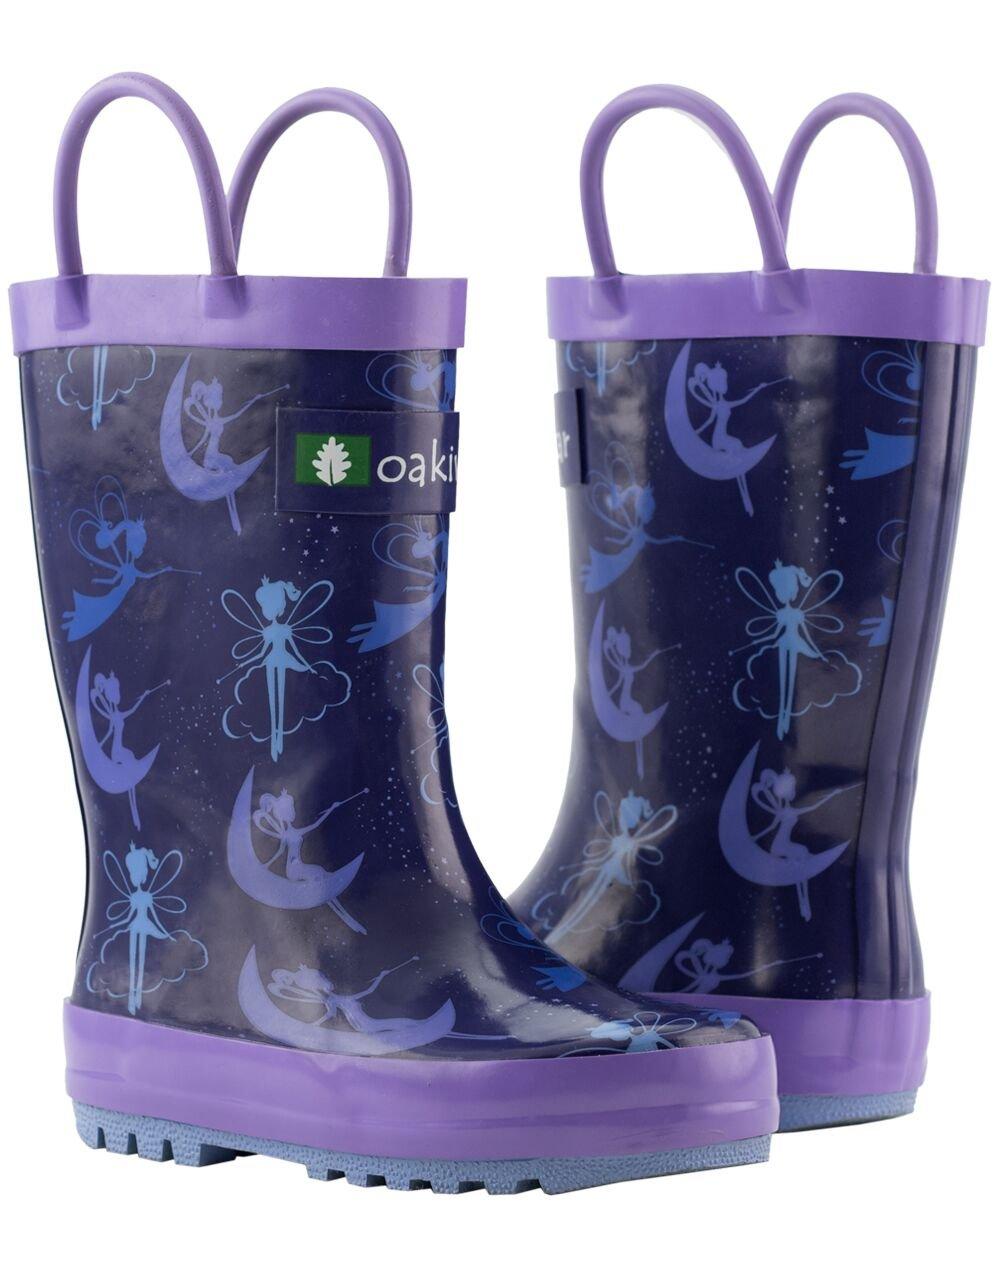 Oakiwear Kids Rubber Rain Boots with Easy-On Handles, Fairy Dust, 1Y US Little Kid by Oakiwear (Image #10)